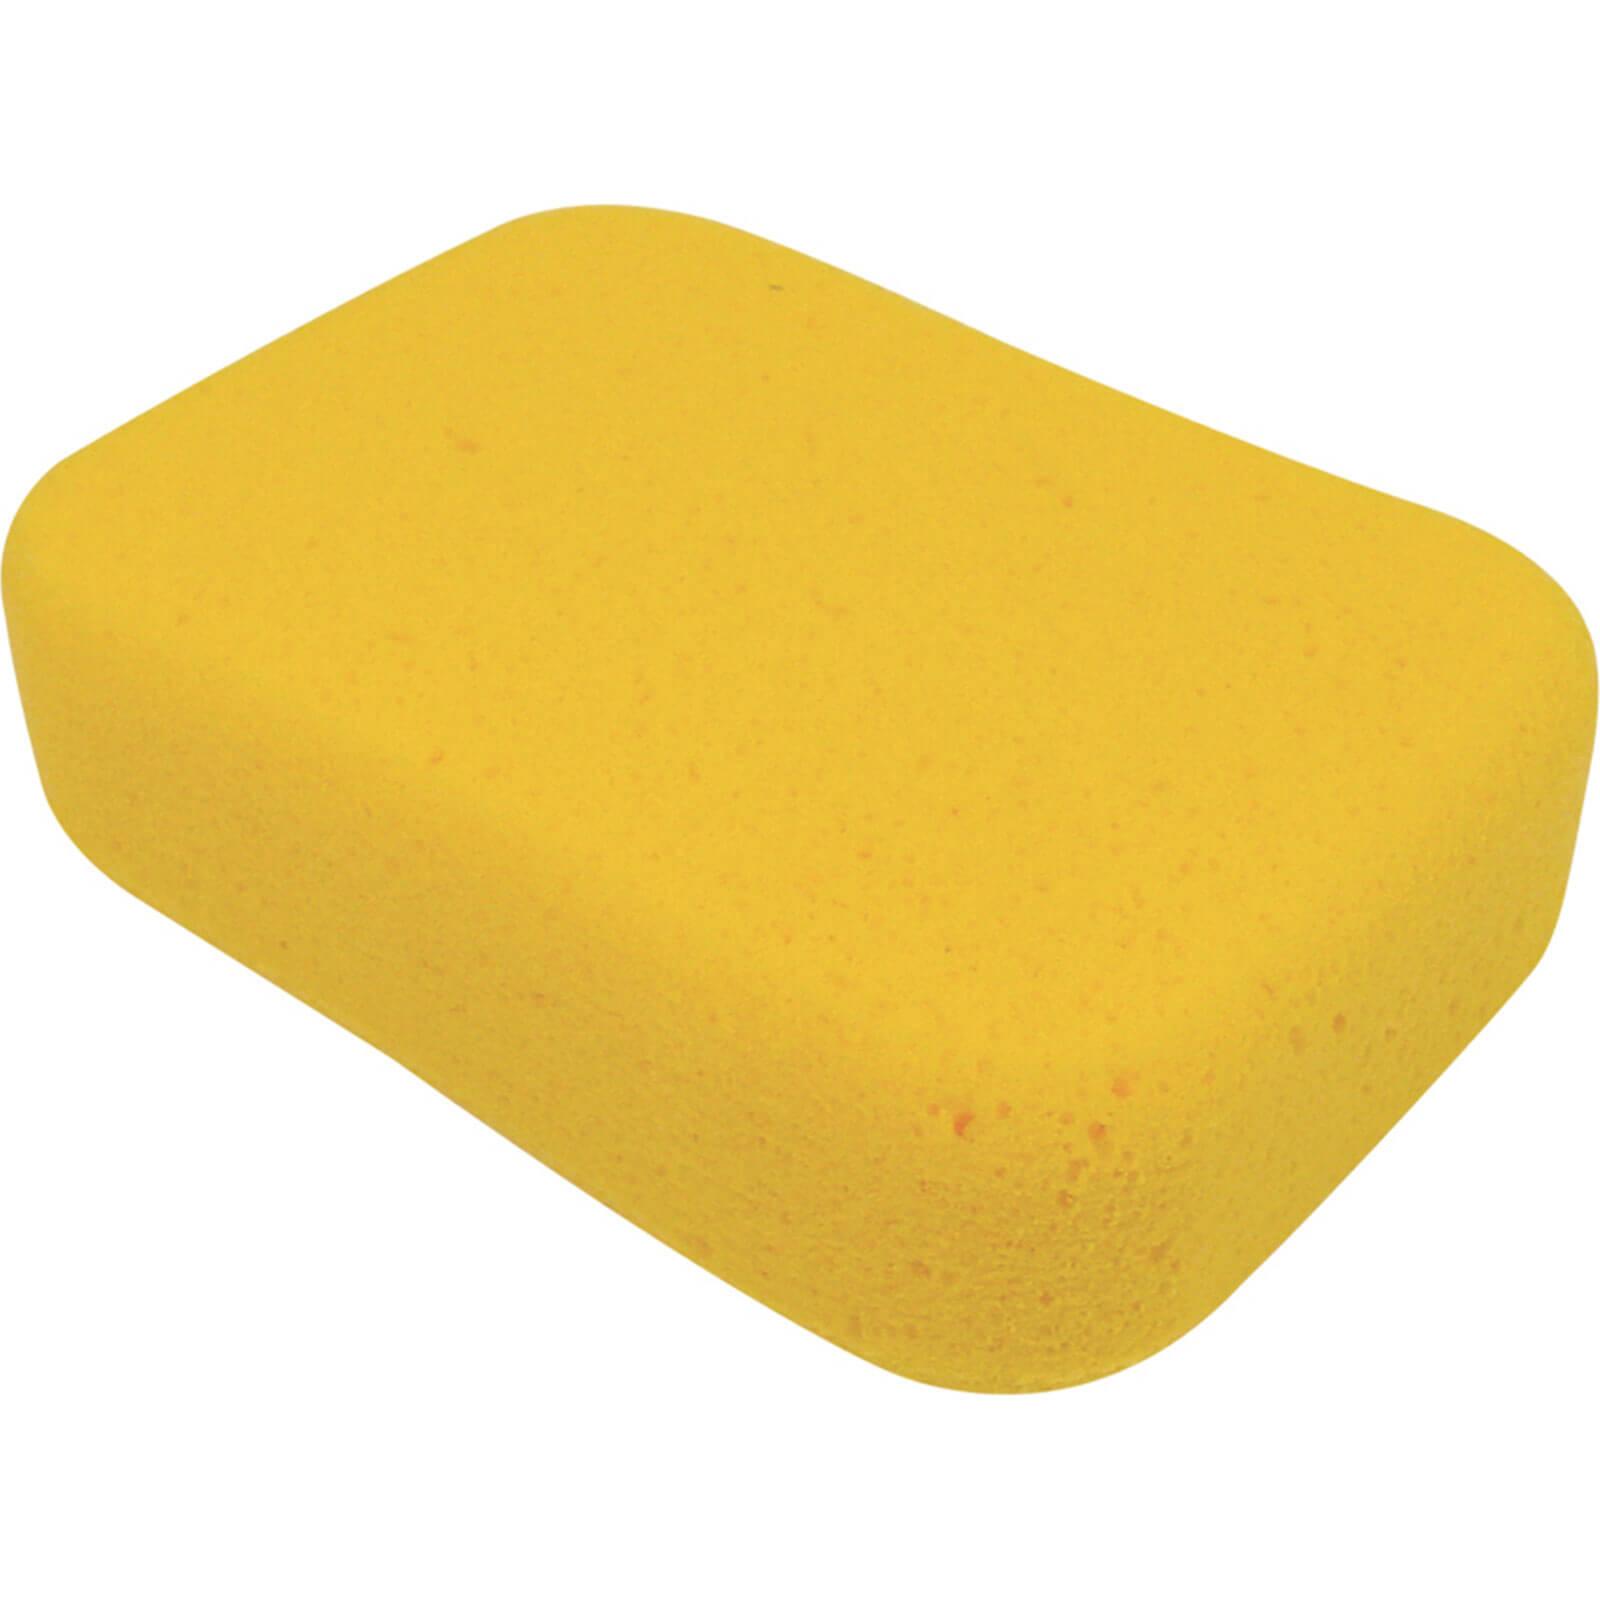 Image of Vitrex Tiling Sponge